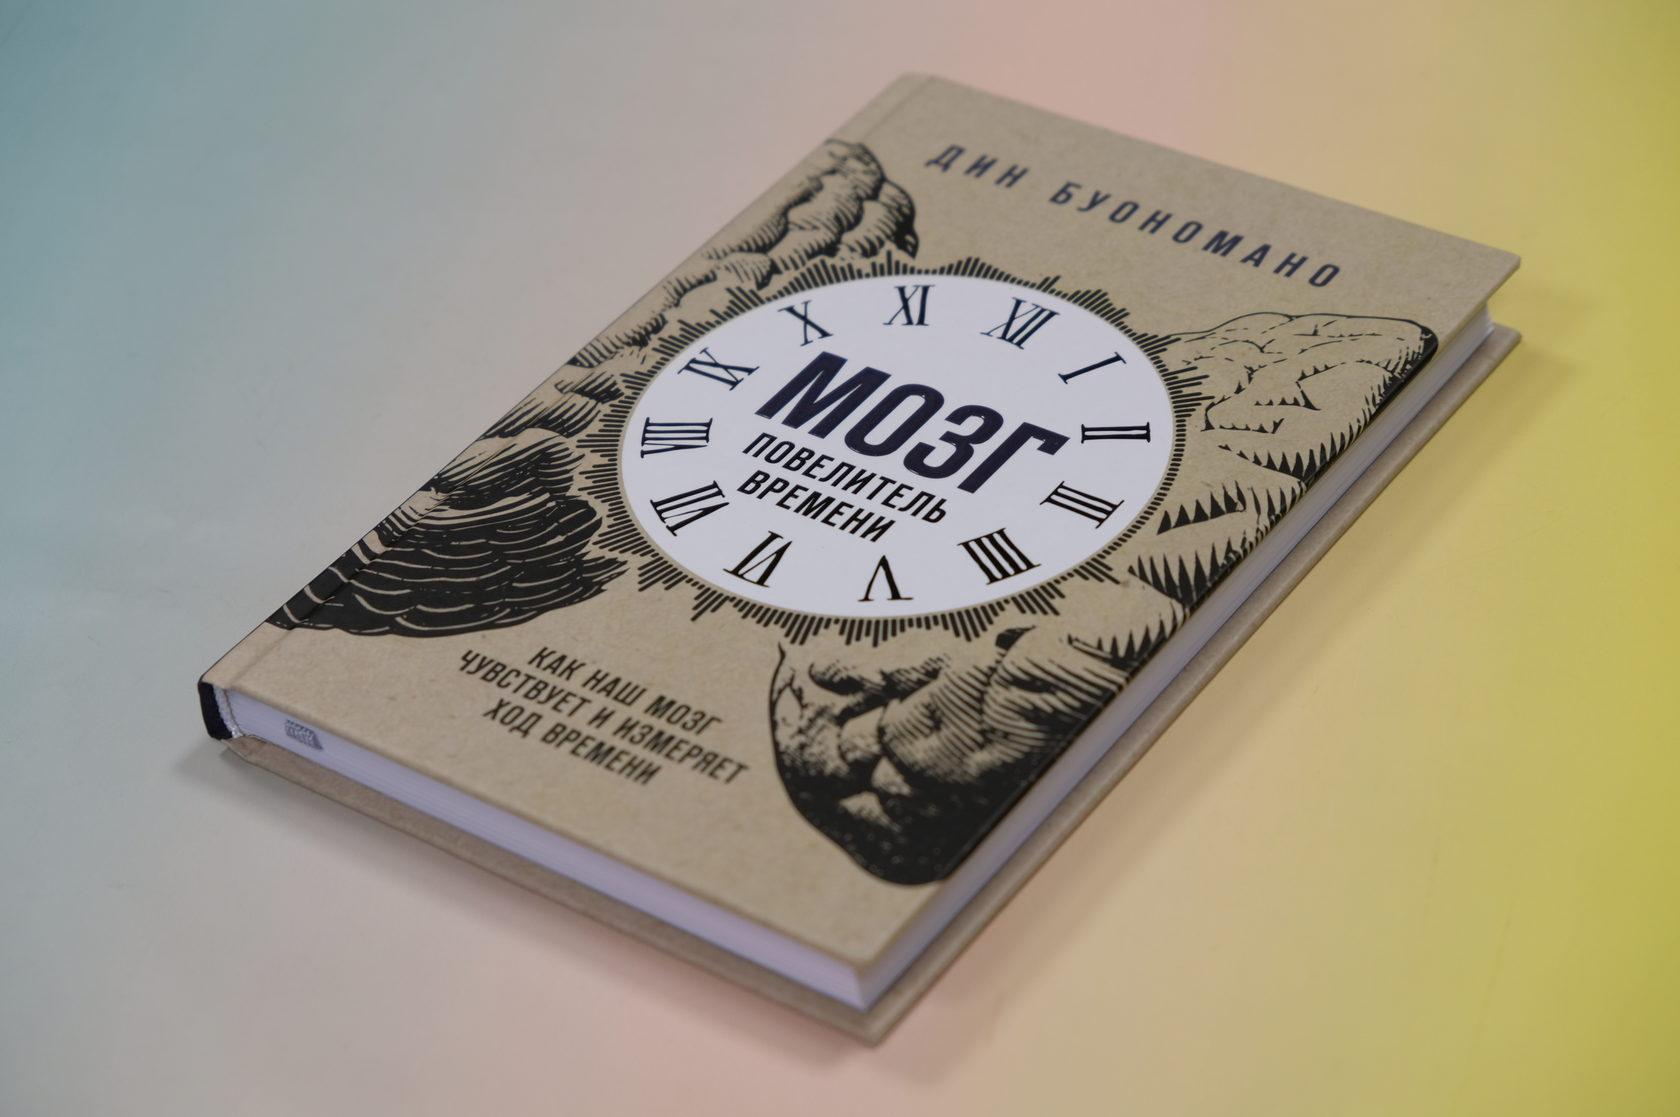 Дин Буономано «Мозг — повелитель времени. Как наш мозг чувствует и измеряет ход времени» 978-5-04-095335-6